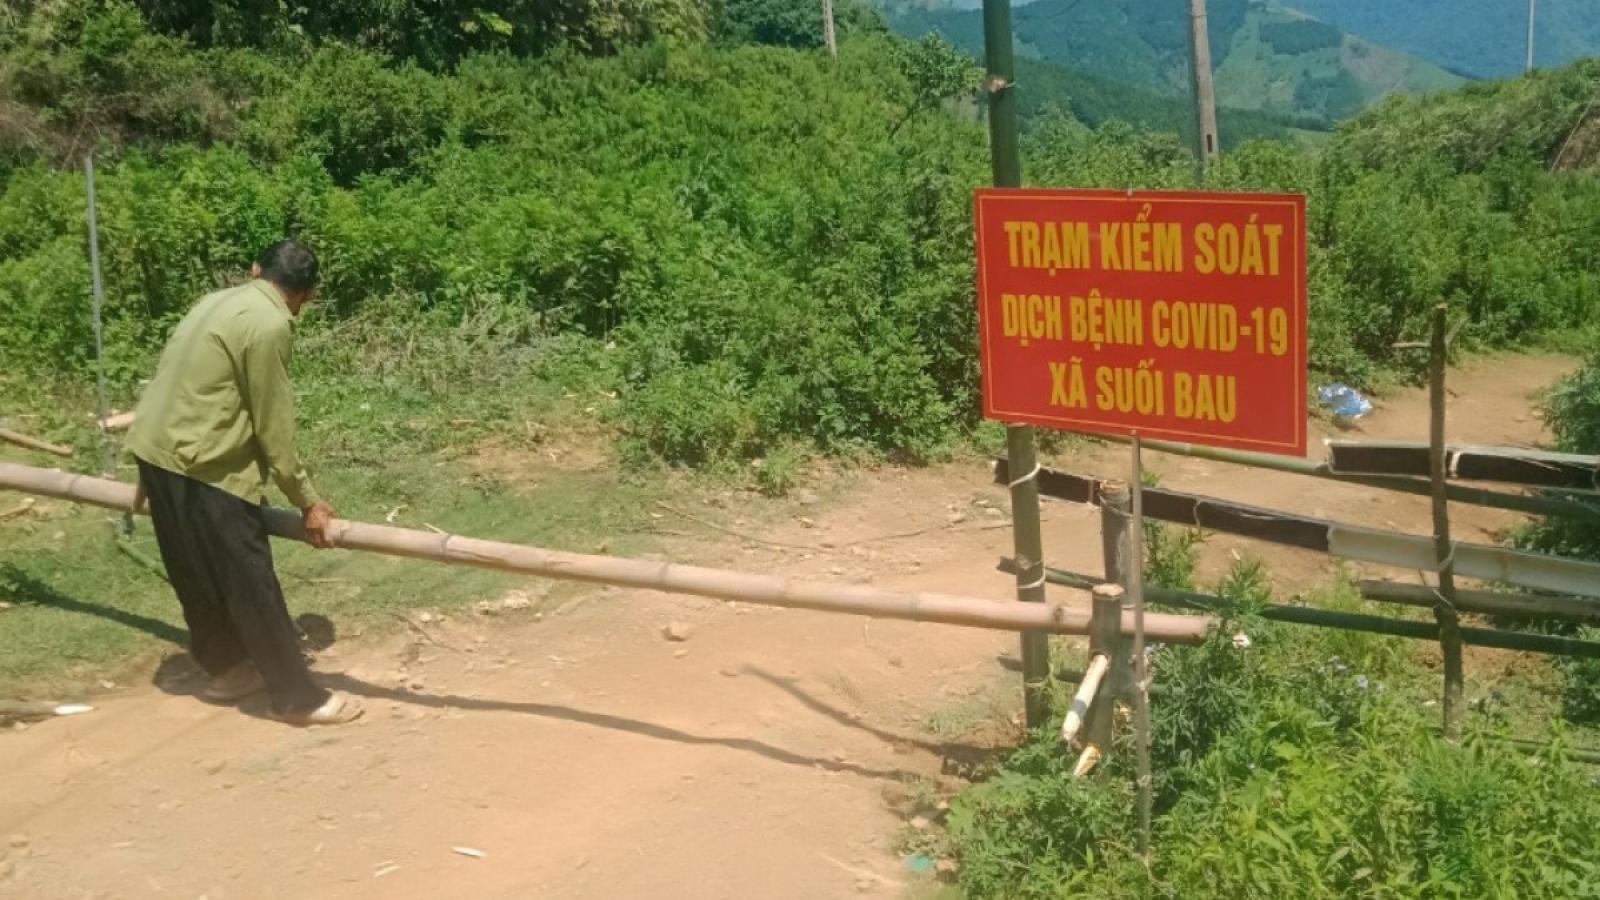 Sơn La ghi nhận 2 ca Covid-19 cộng đồng chưa rõ nguồn lây